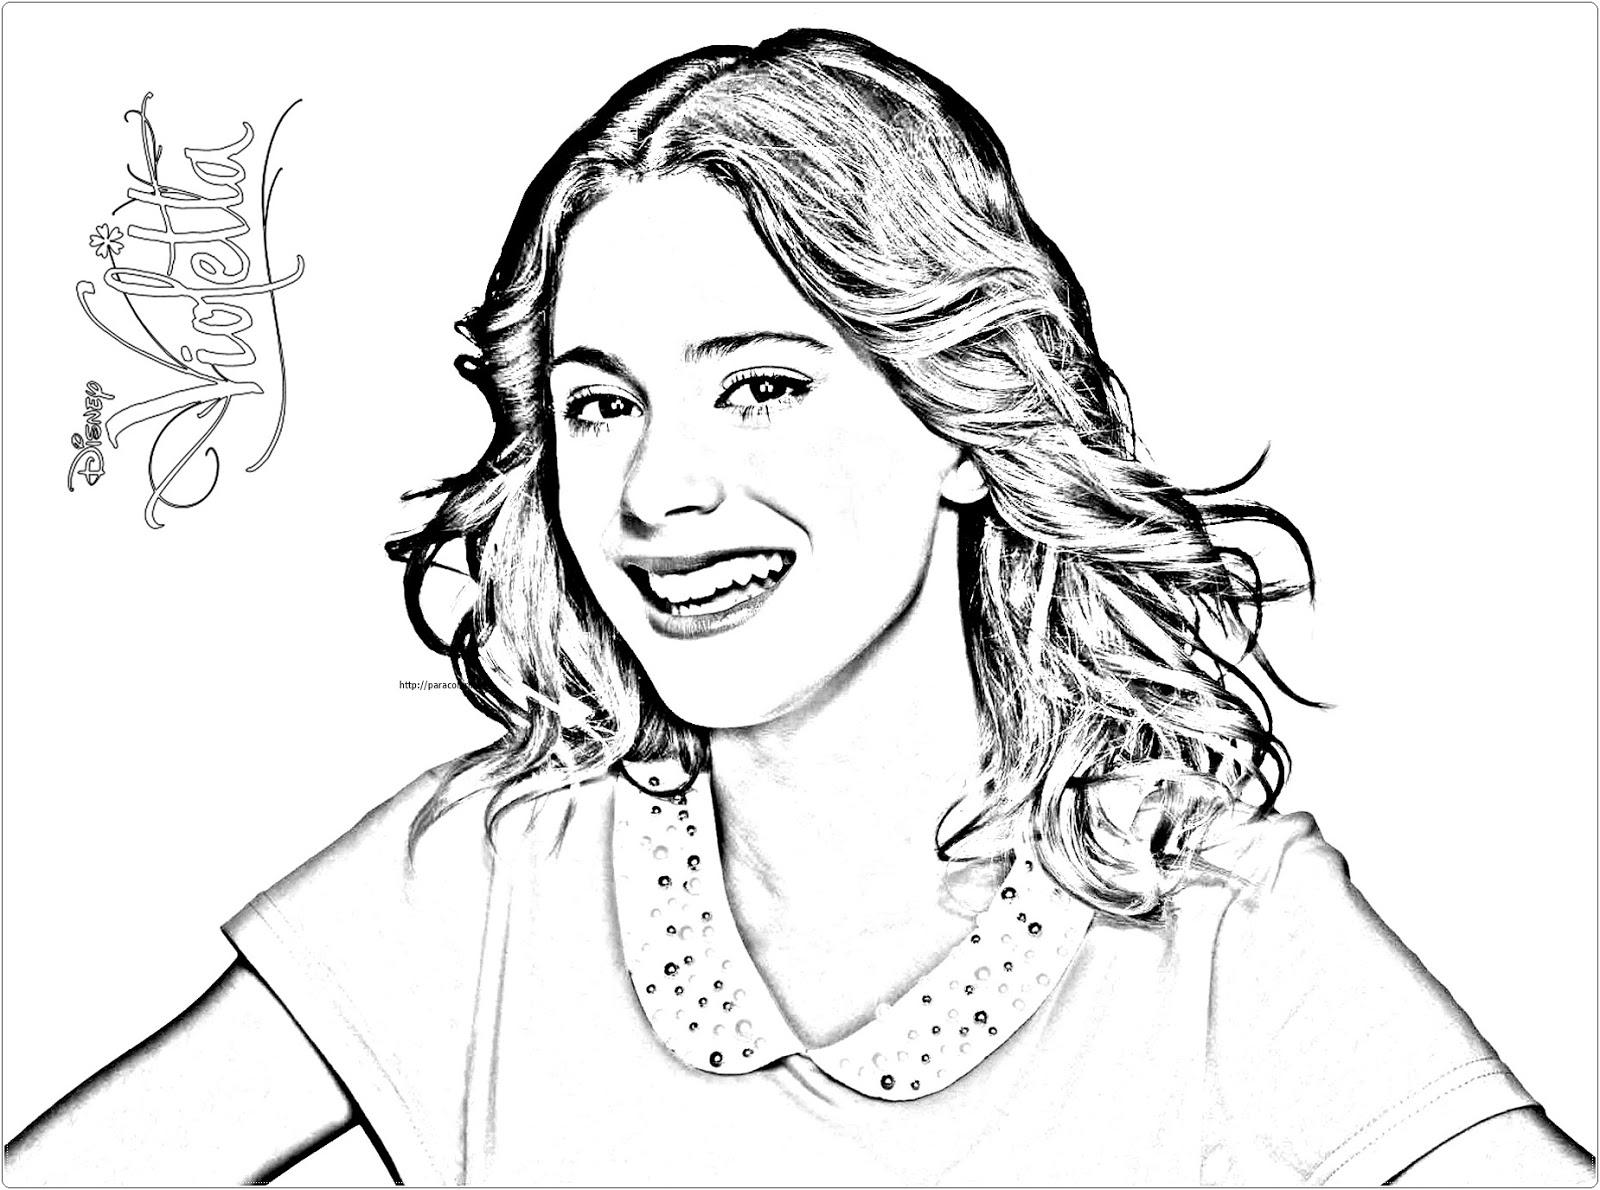 Ausmalbilder zum Ausdrucken Violetta Ausmalbilder zum Ausdrucken ARTICLE